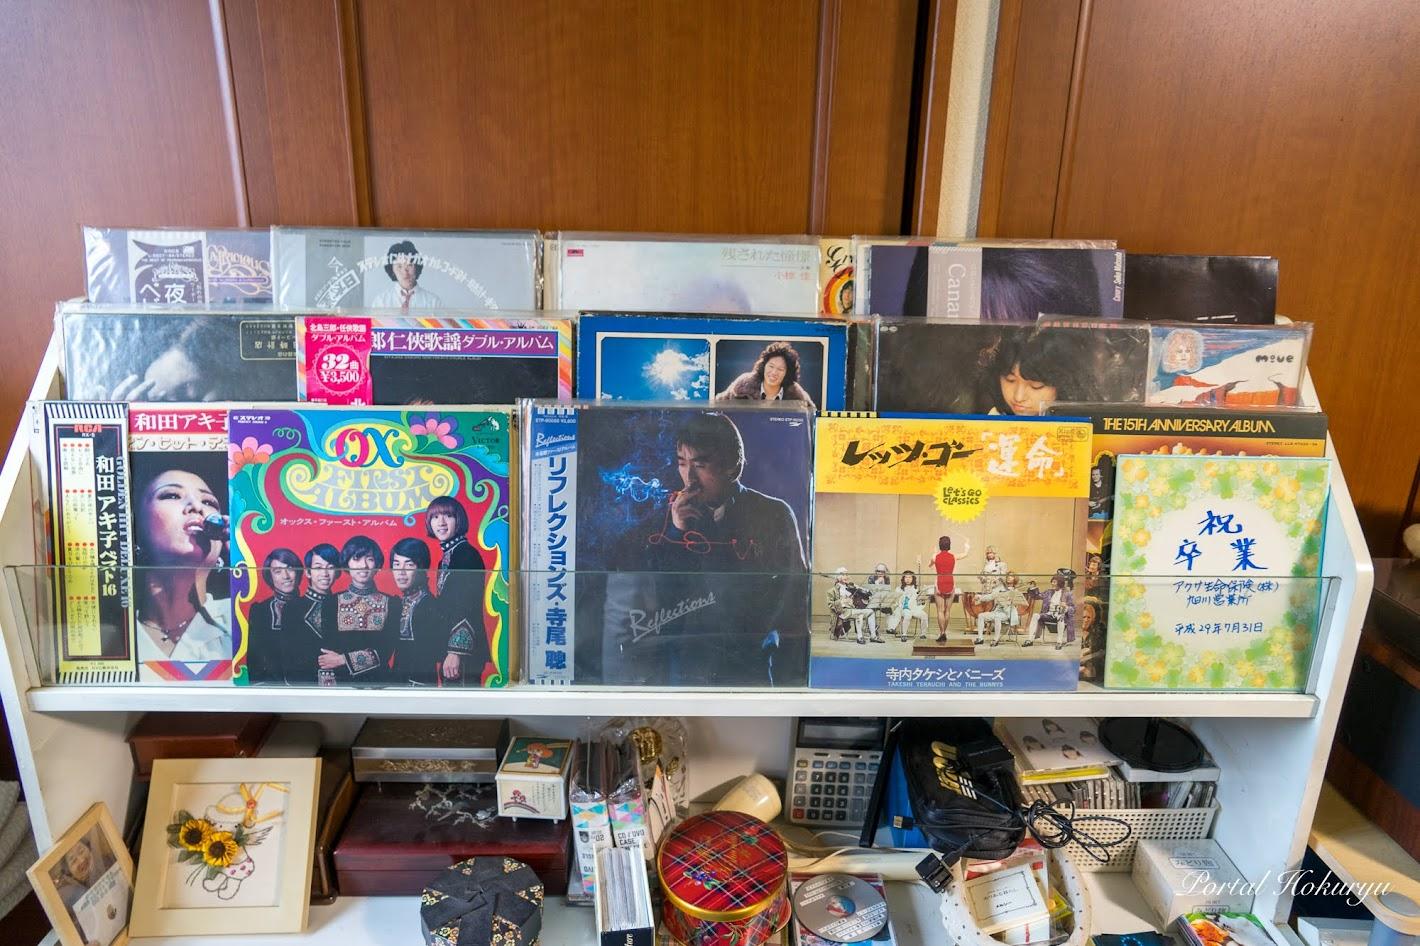 昭和が香る数々のレコード